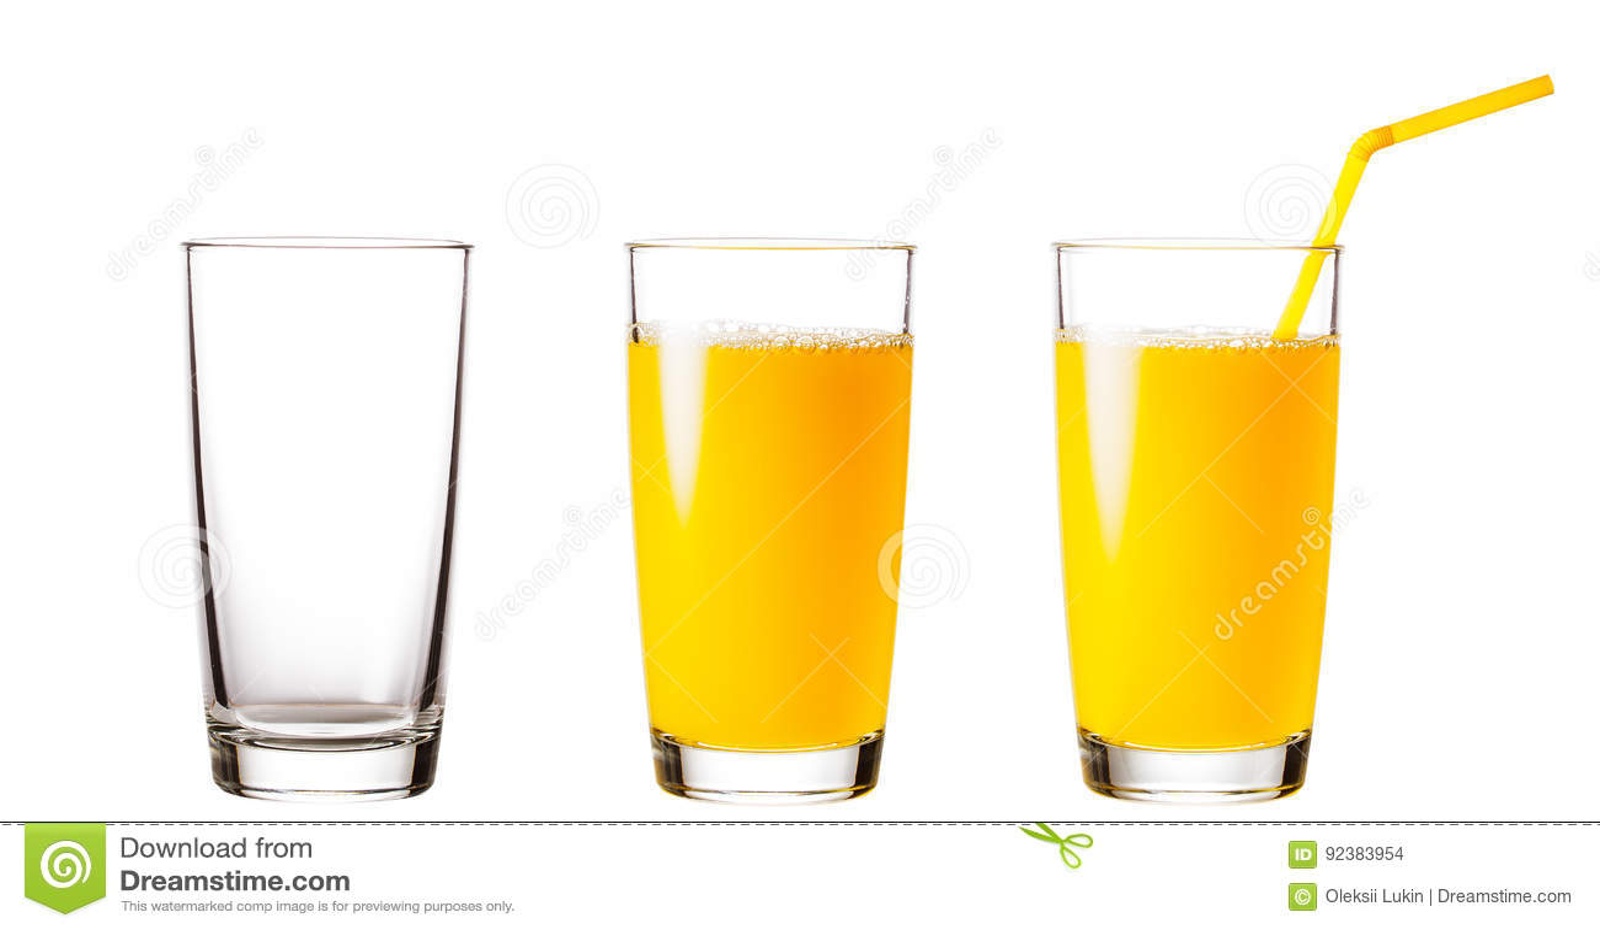 Tomma och fulla exponeringsglas med orange fruktsaft